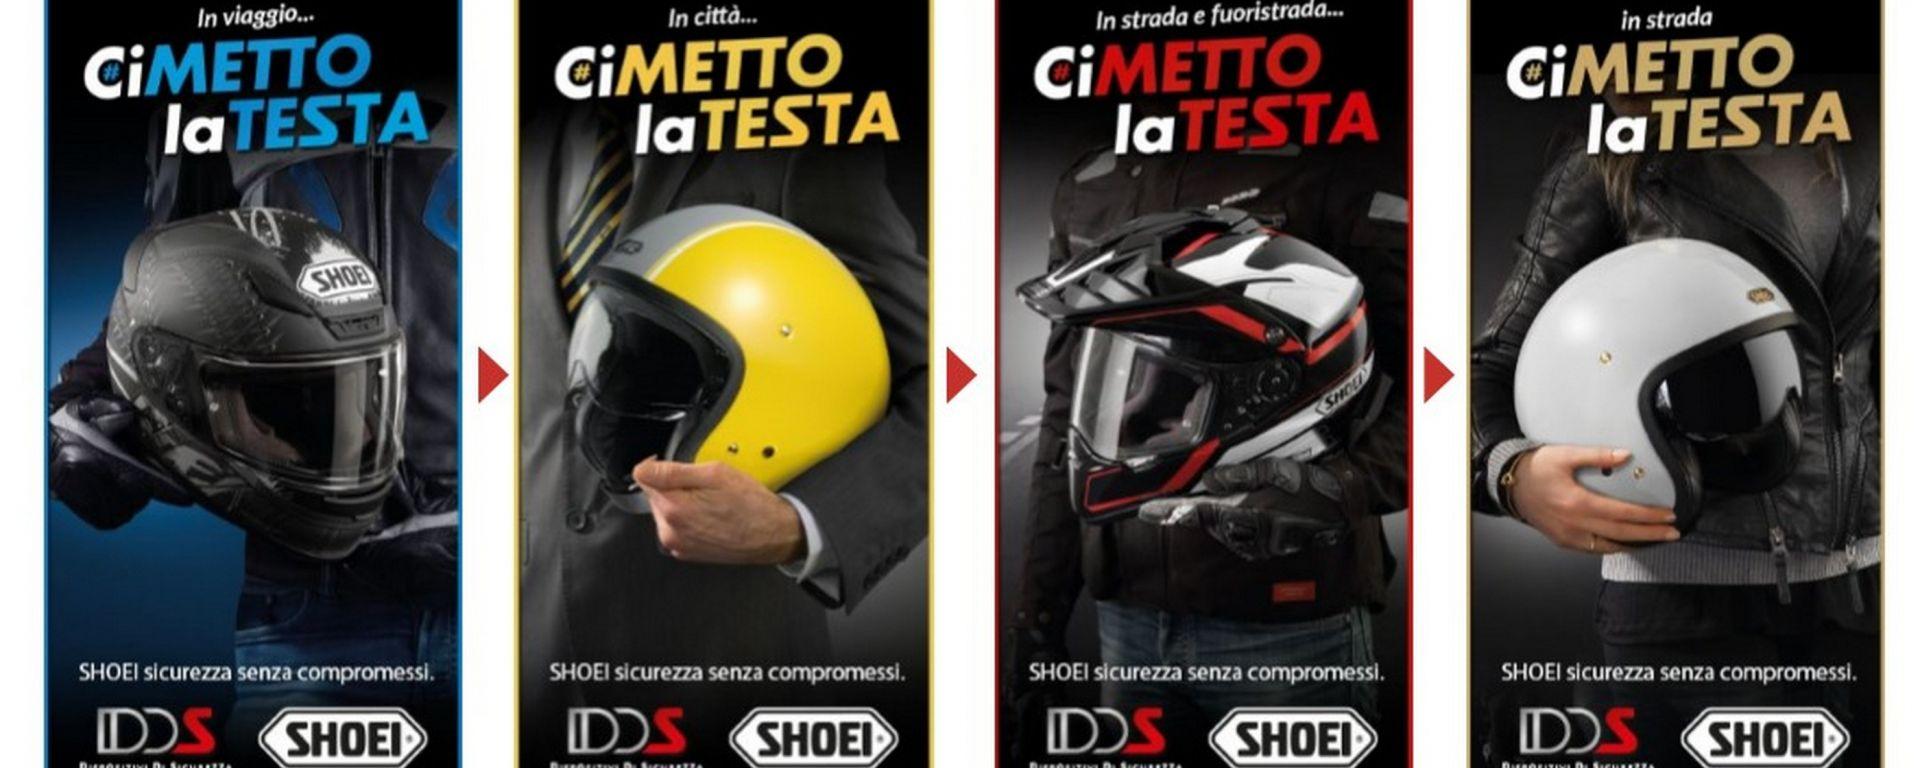 Shoei: online il nuovo portale cimettolatesta